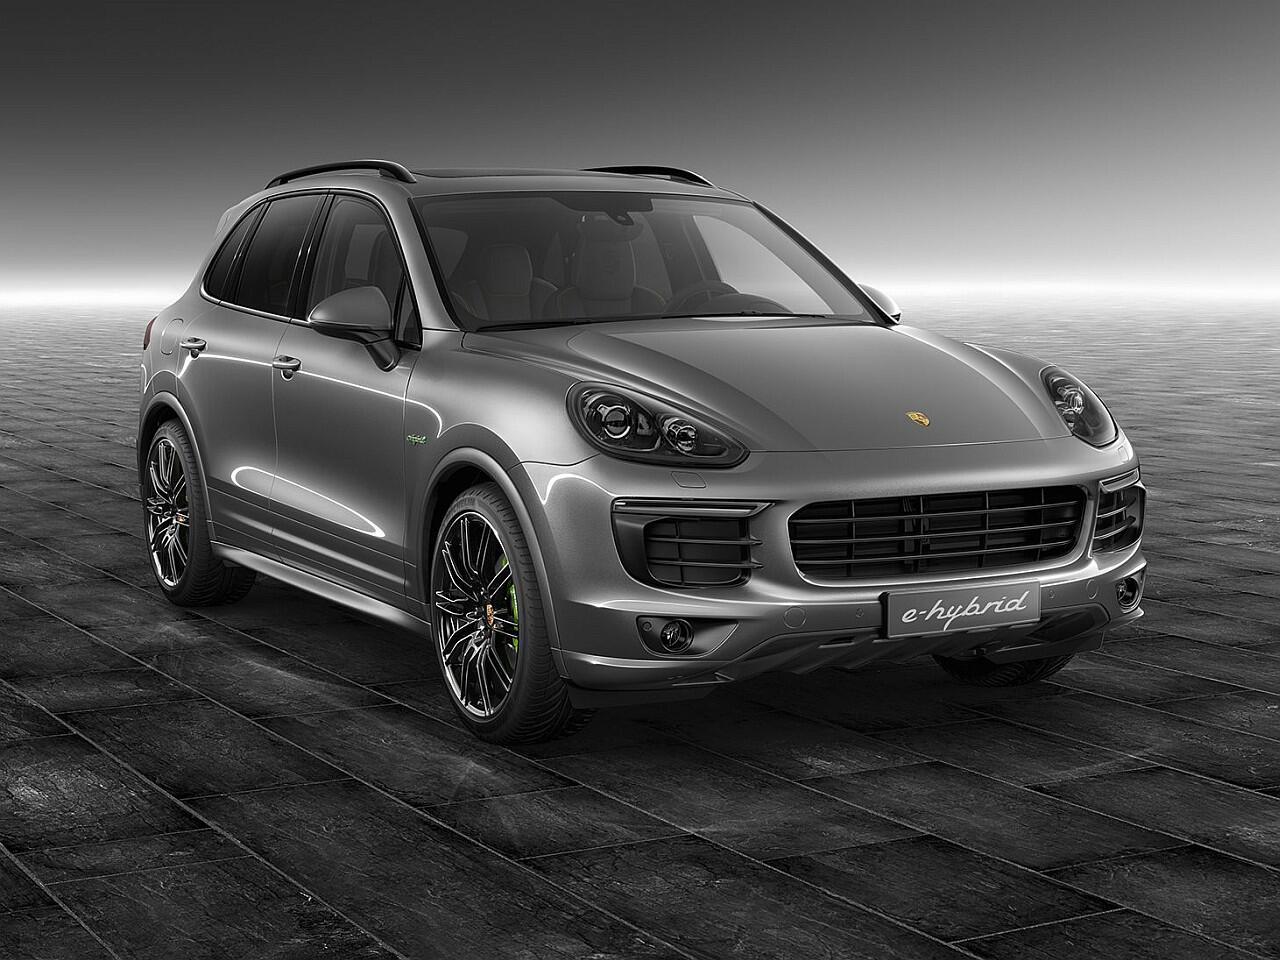 Bild zu Porsche Exclusive Cayenne S E-Hybrid